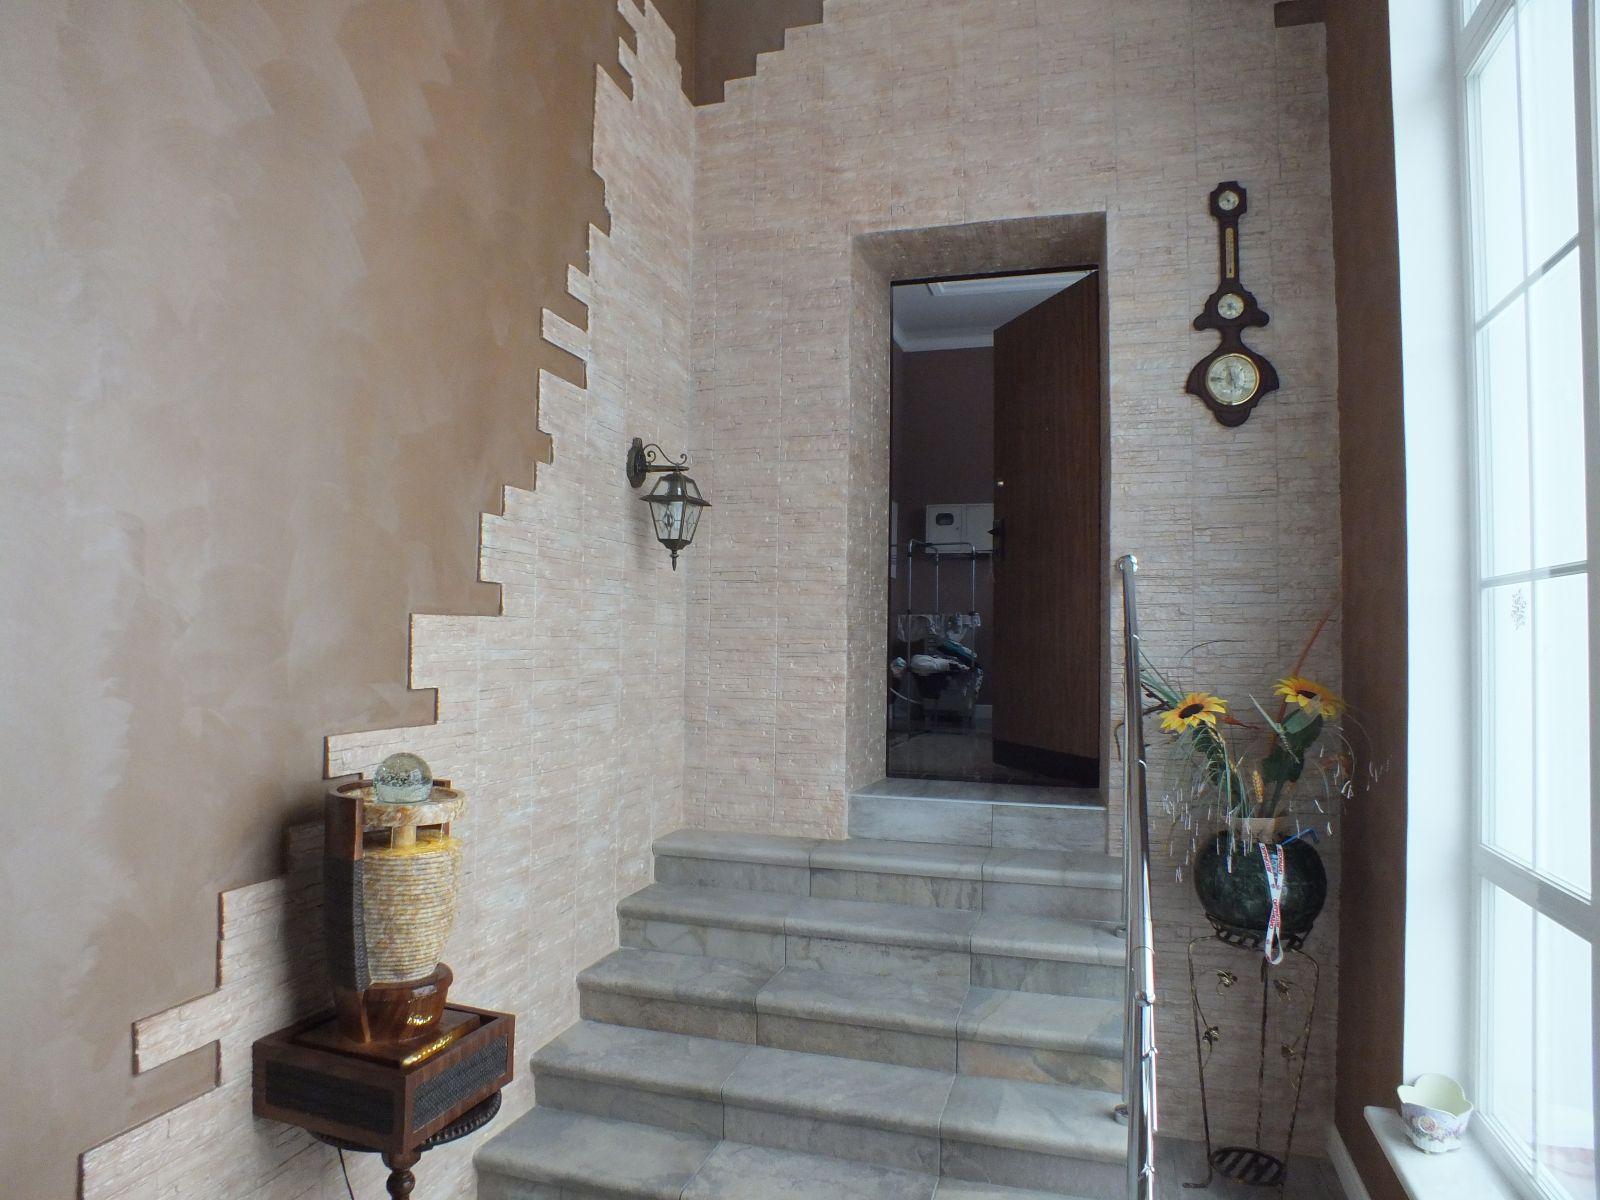 Выход в коридор, украшенный декоративным камнем